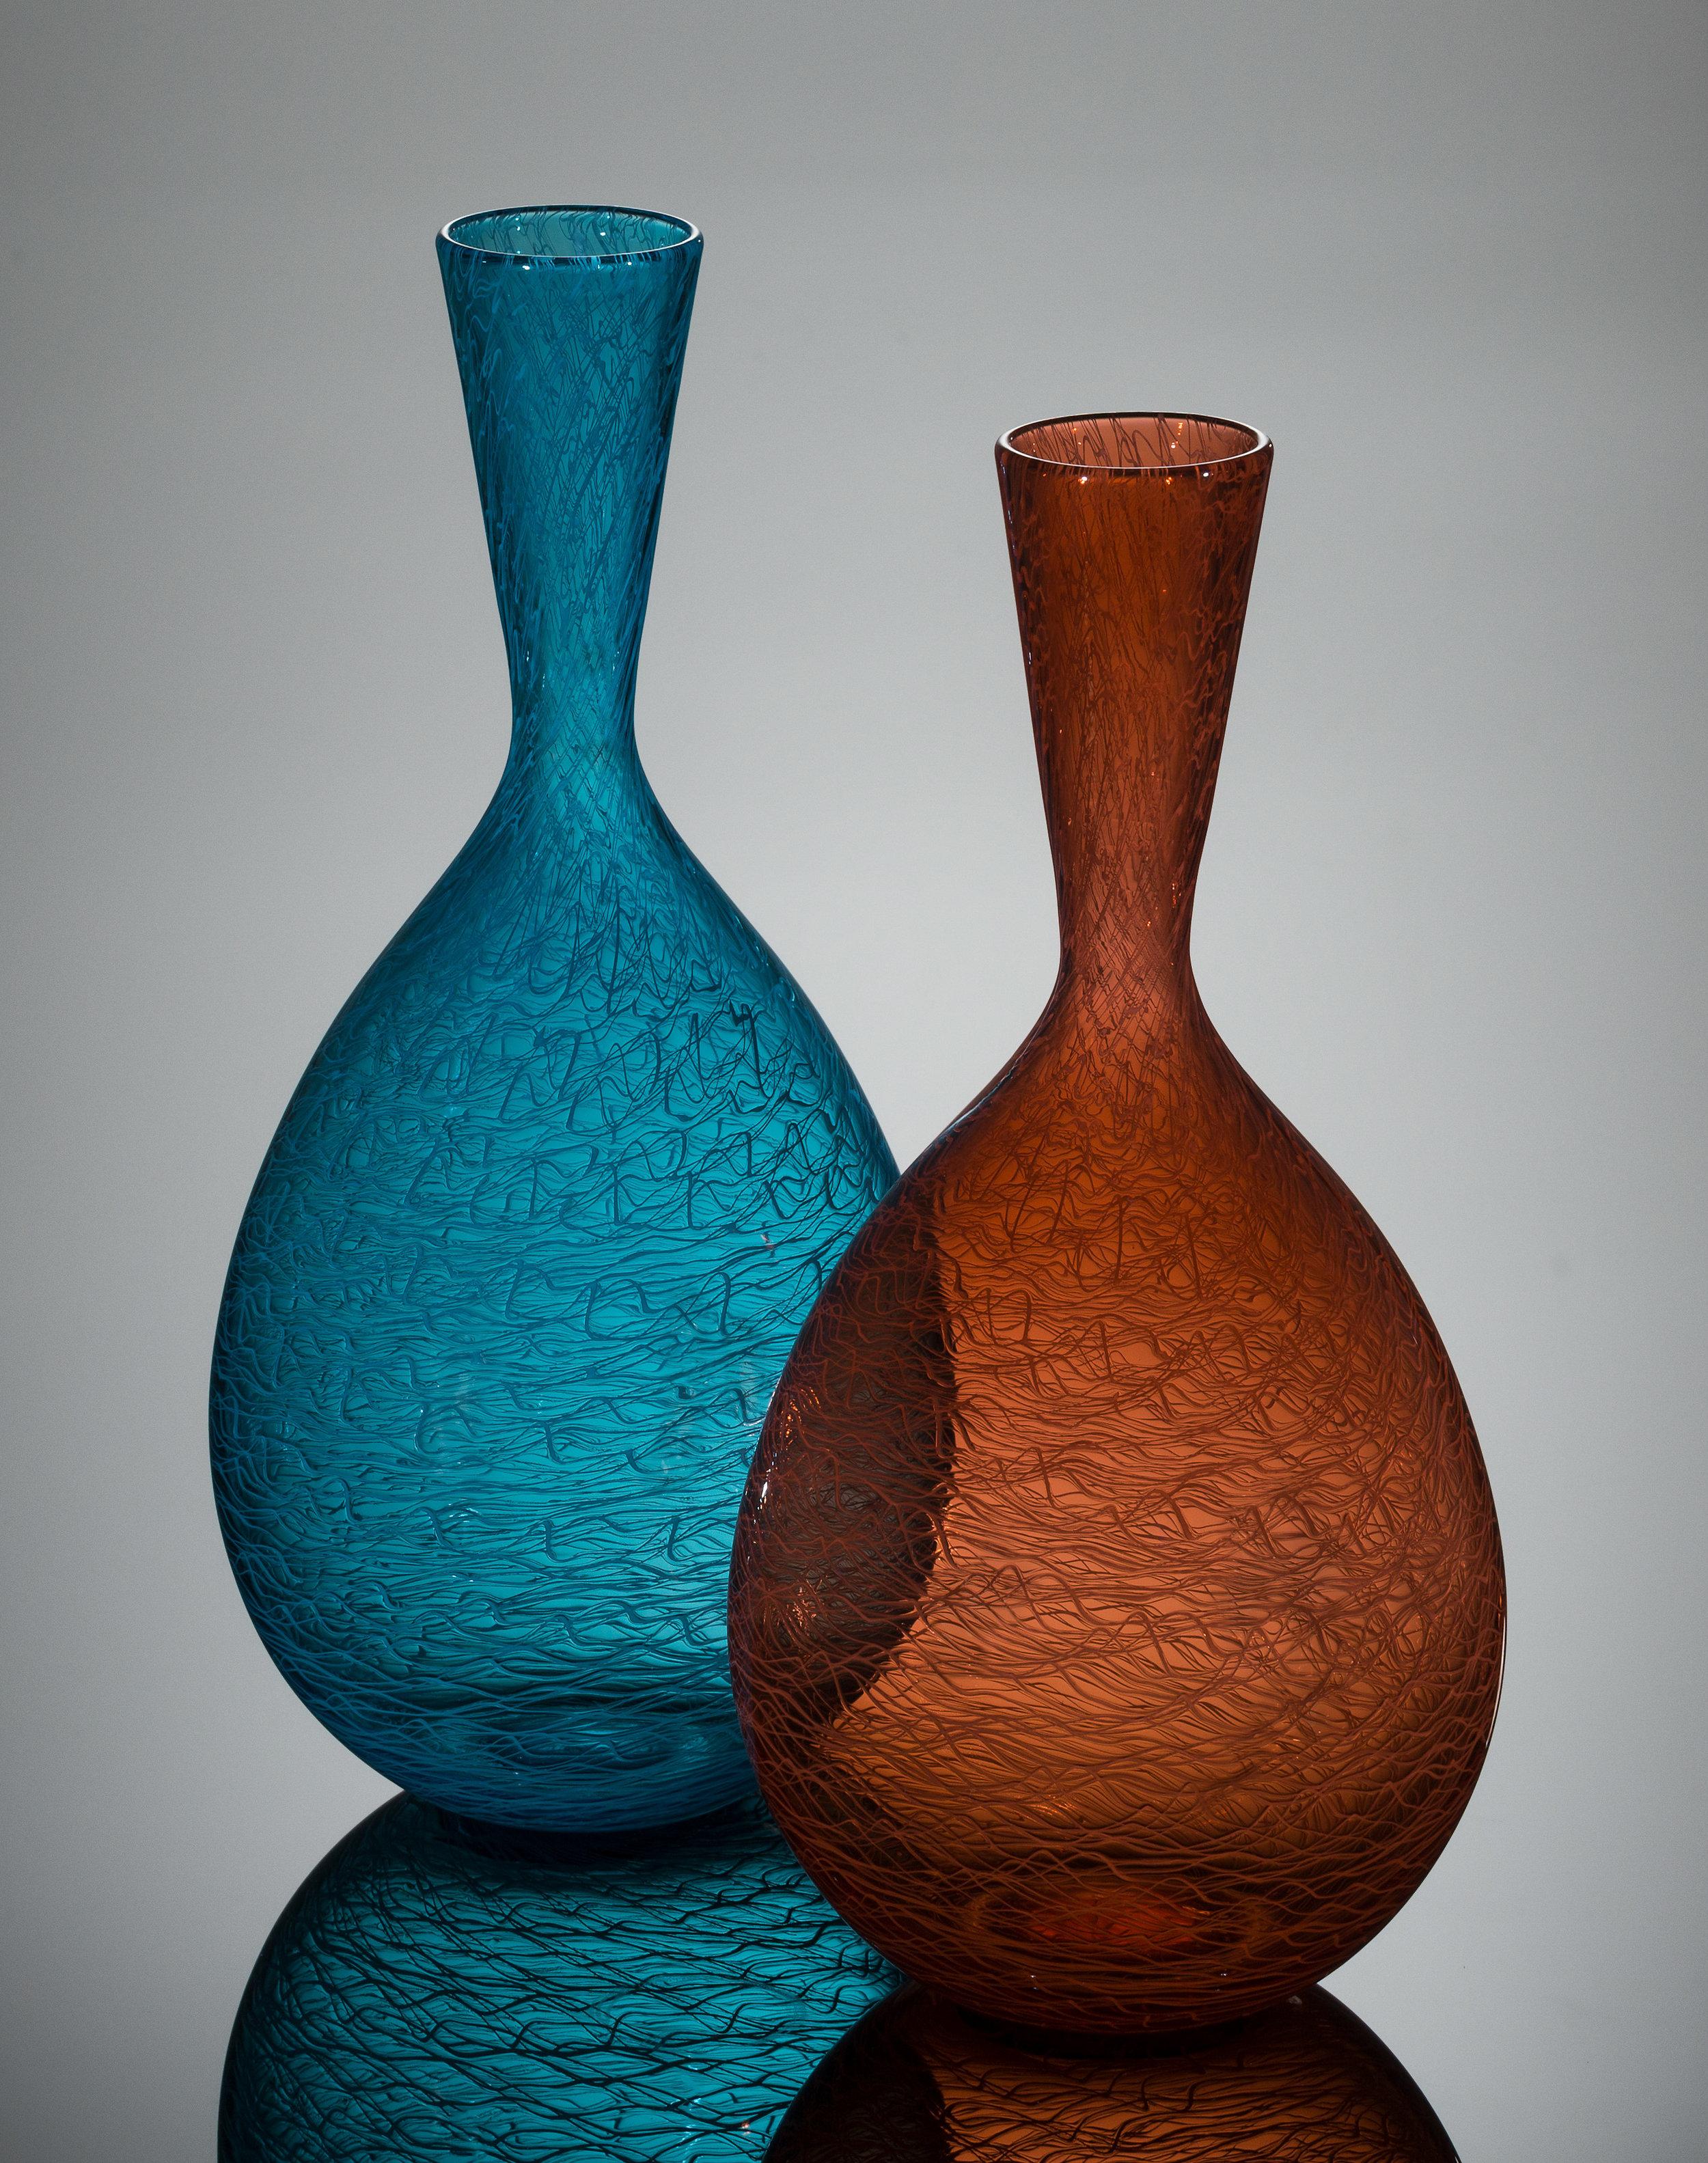 Dave_Strock_Glass_Ripple_Vases